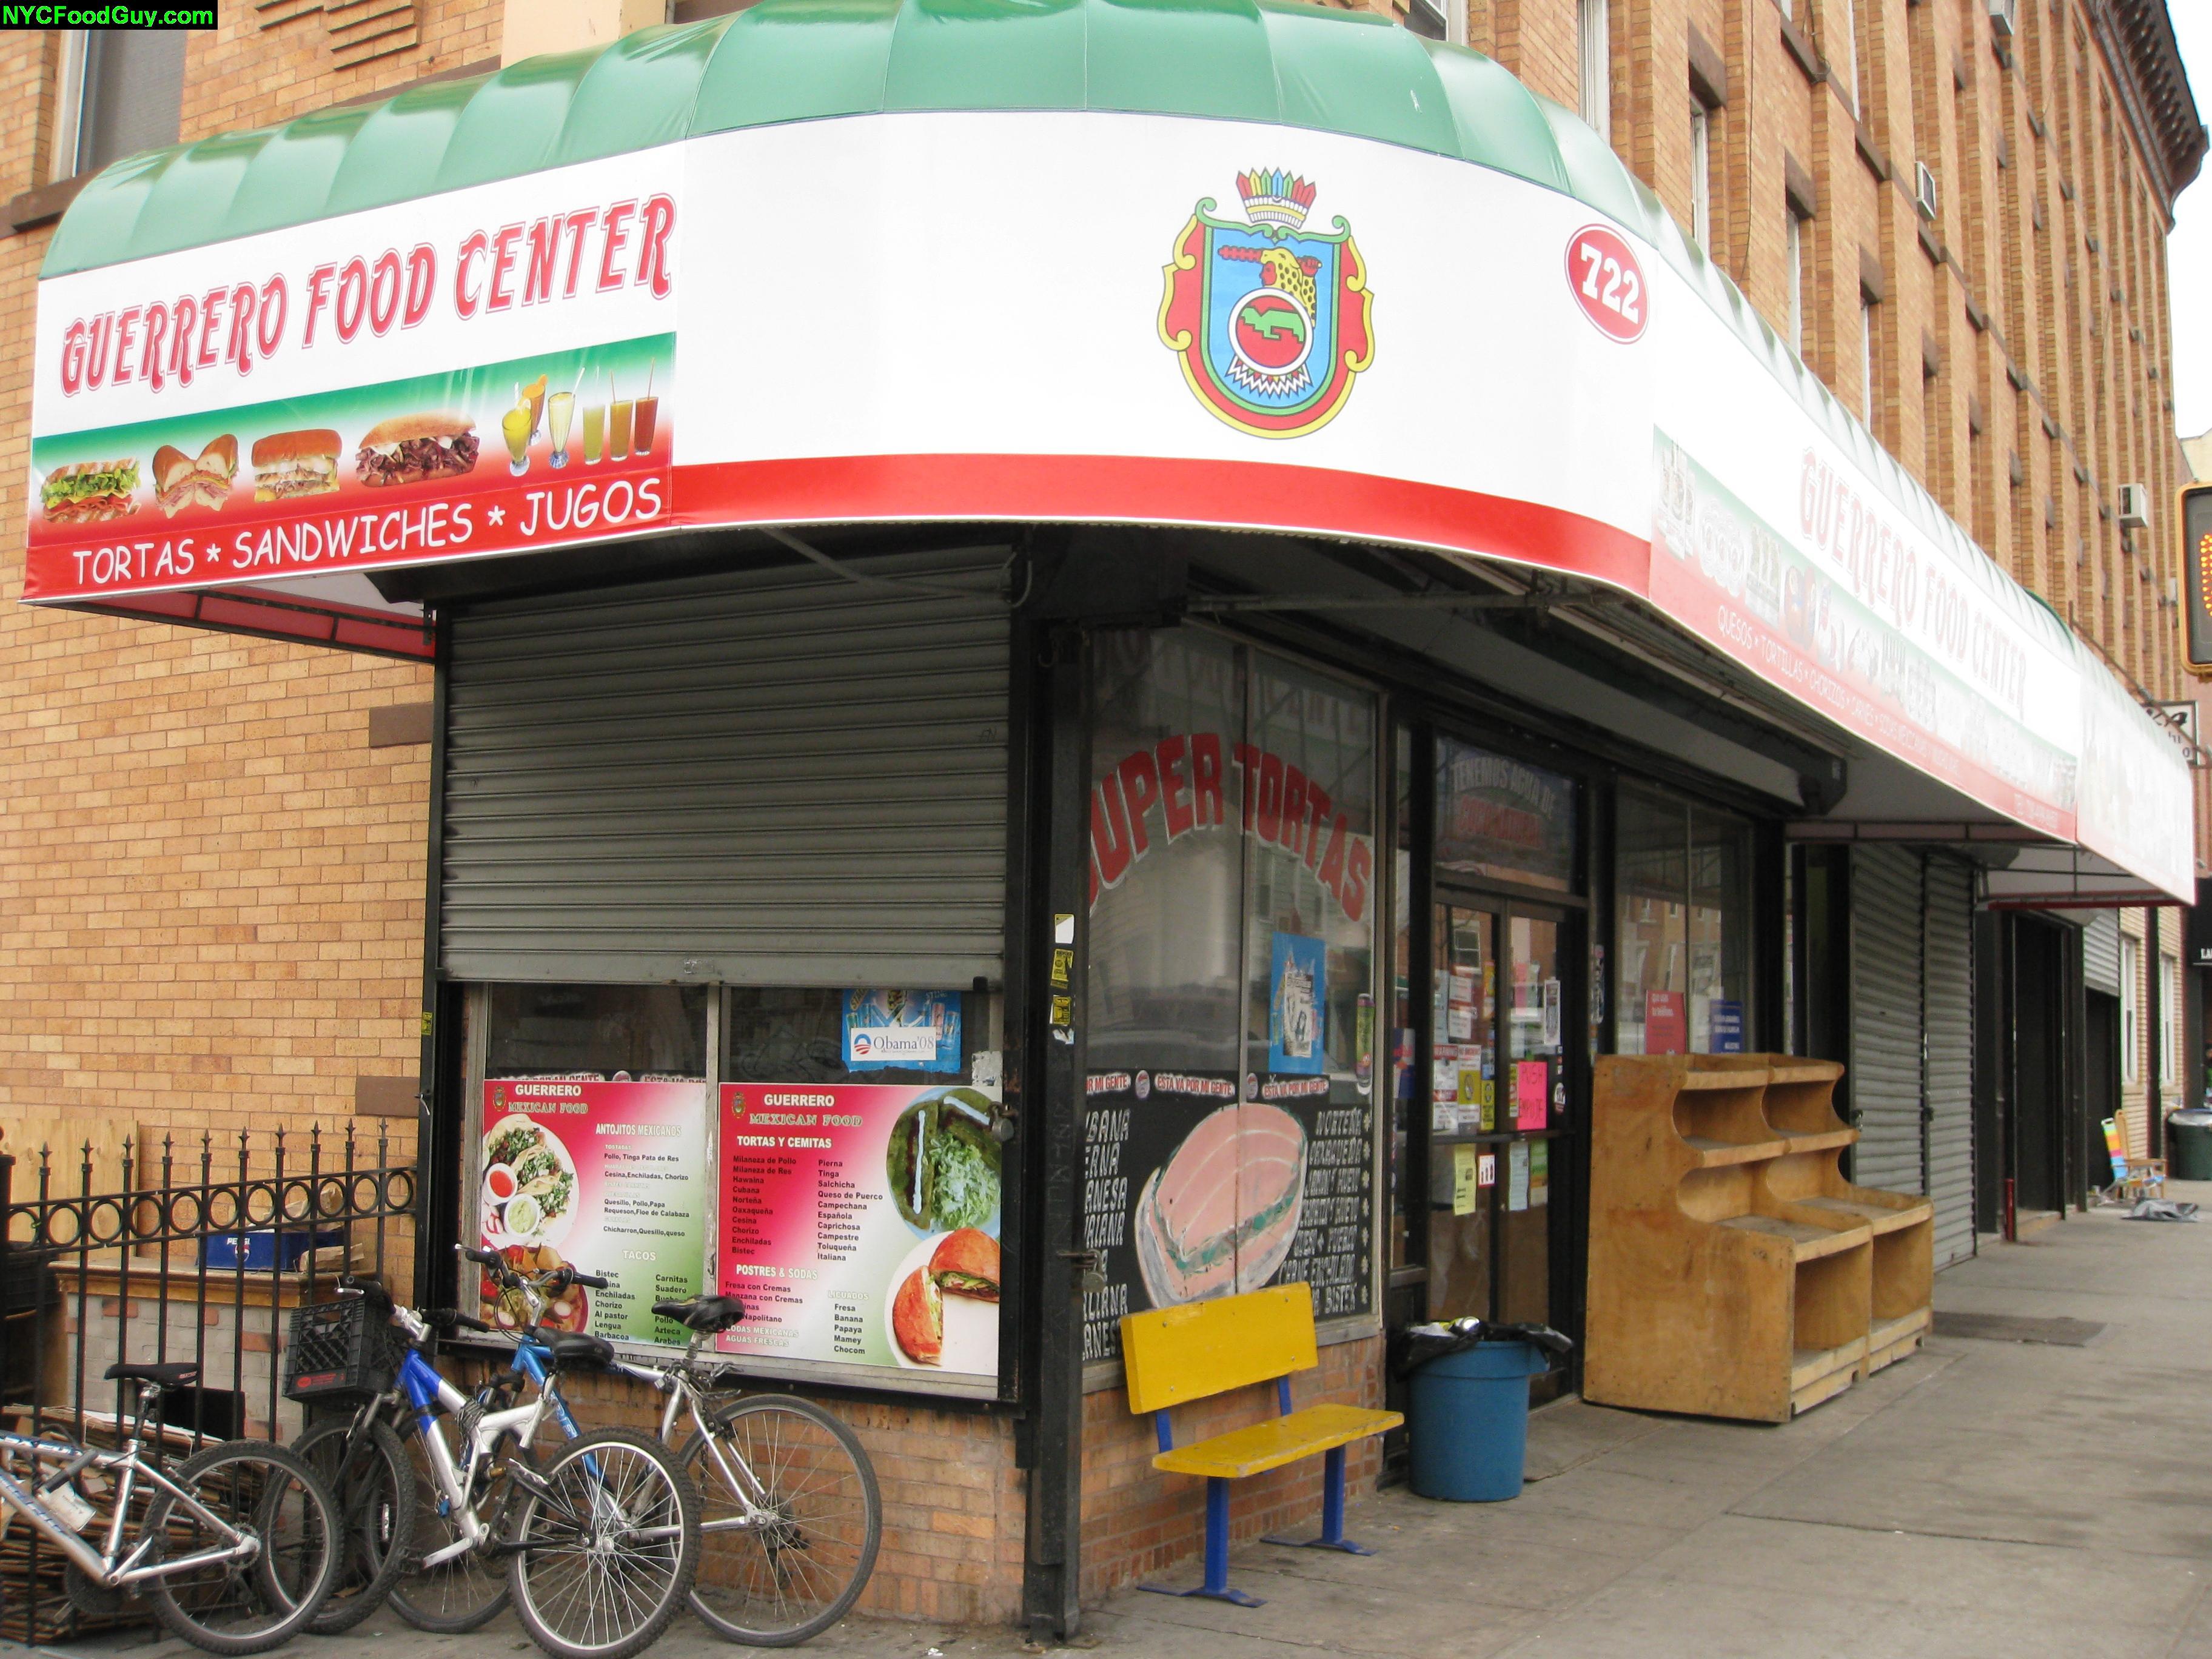 nyc-food-guy-dot-com-084